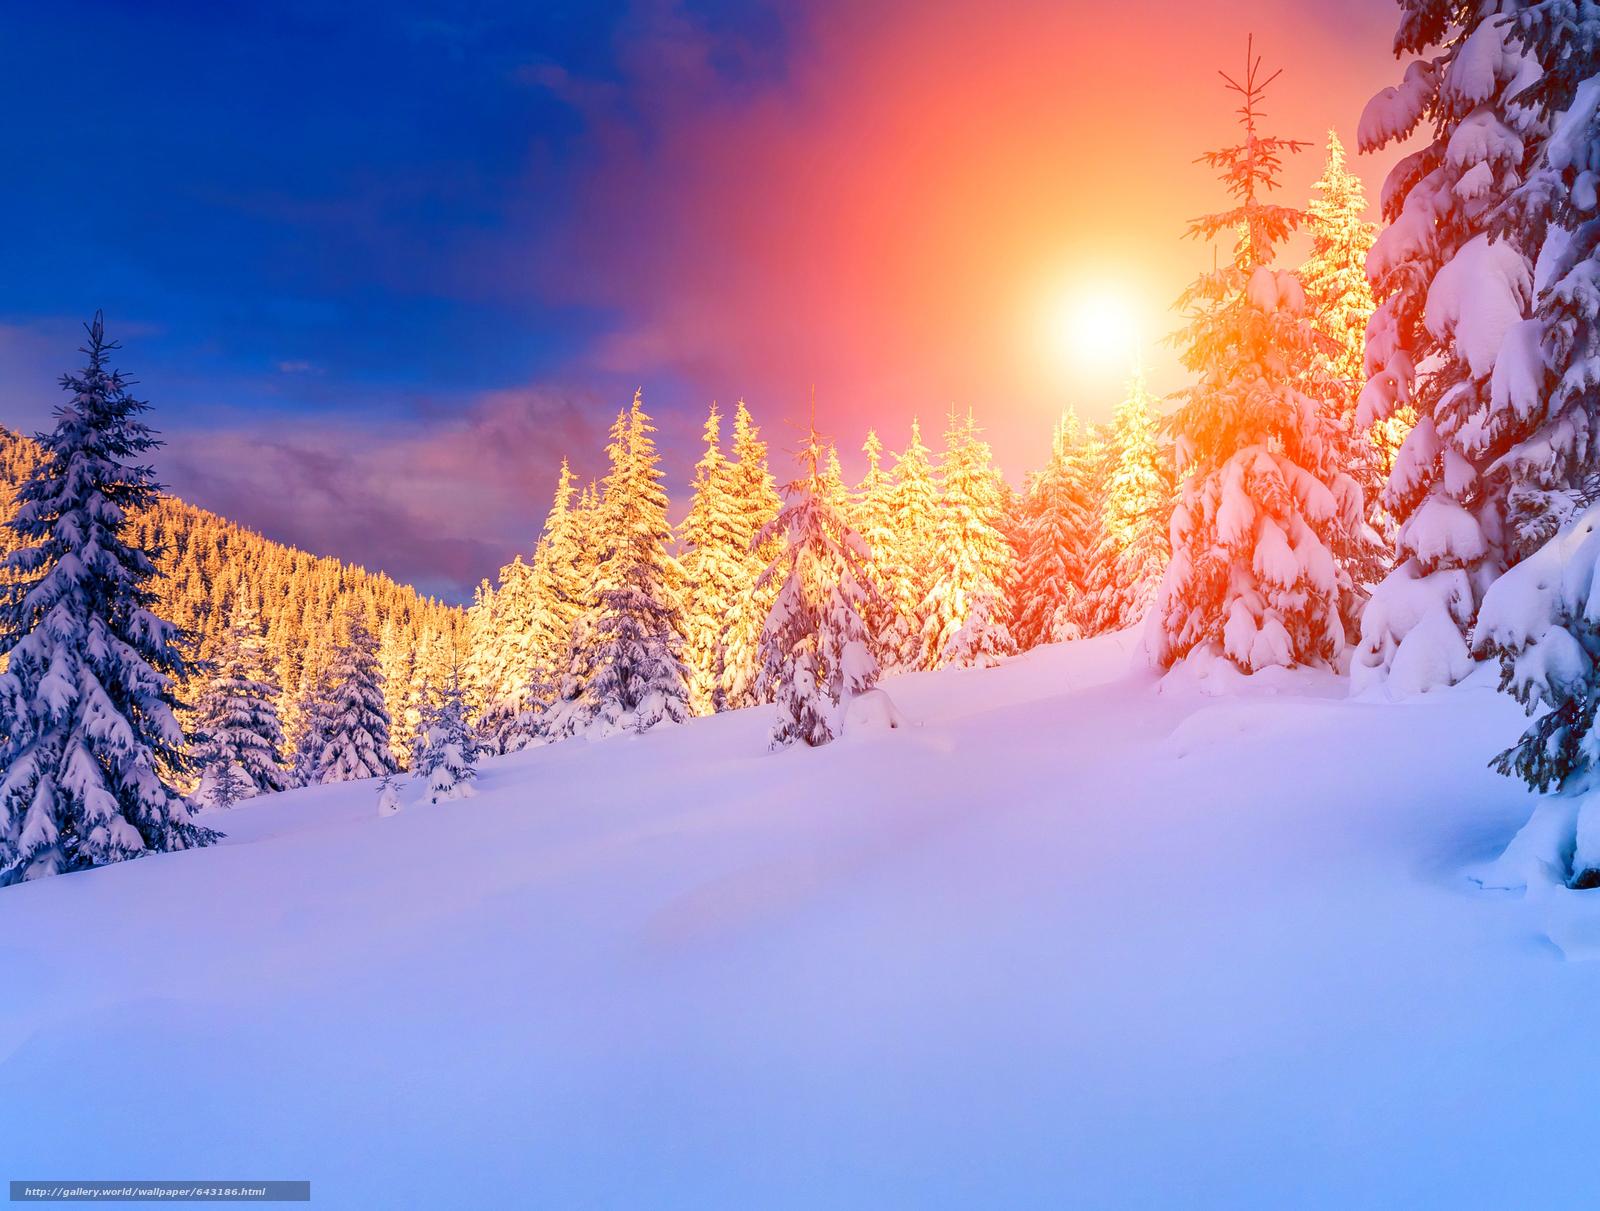 tlcharger fond d 39 ecran hiver coucher du soleil neige arbres fonds d 39 ecran gratuits pour votre. Black Bedroom Furniture Sets. Home Design Ideas